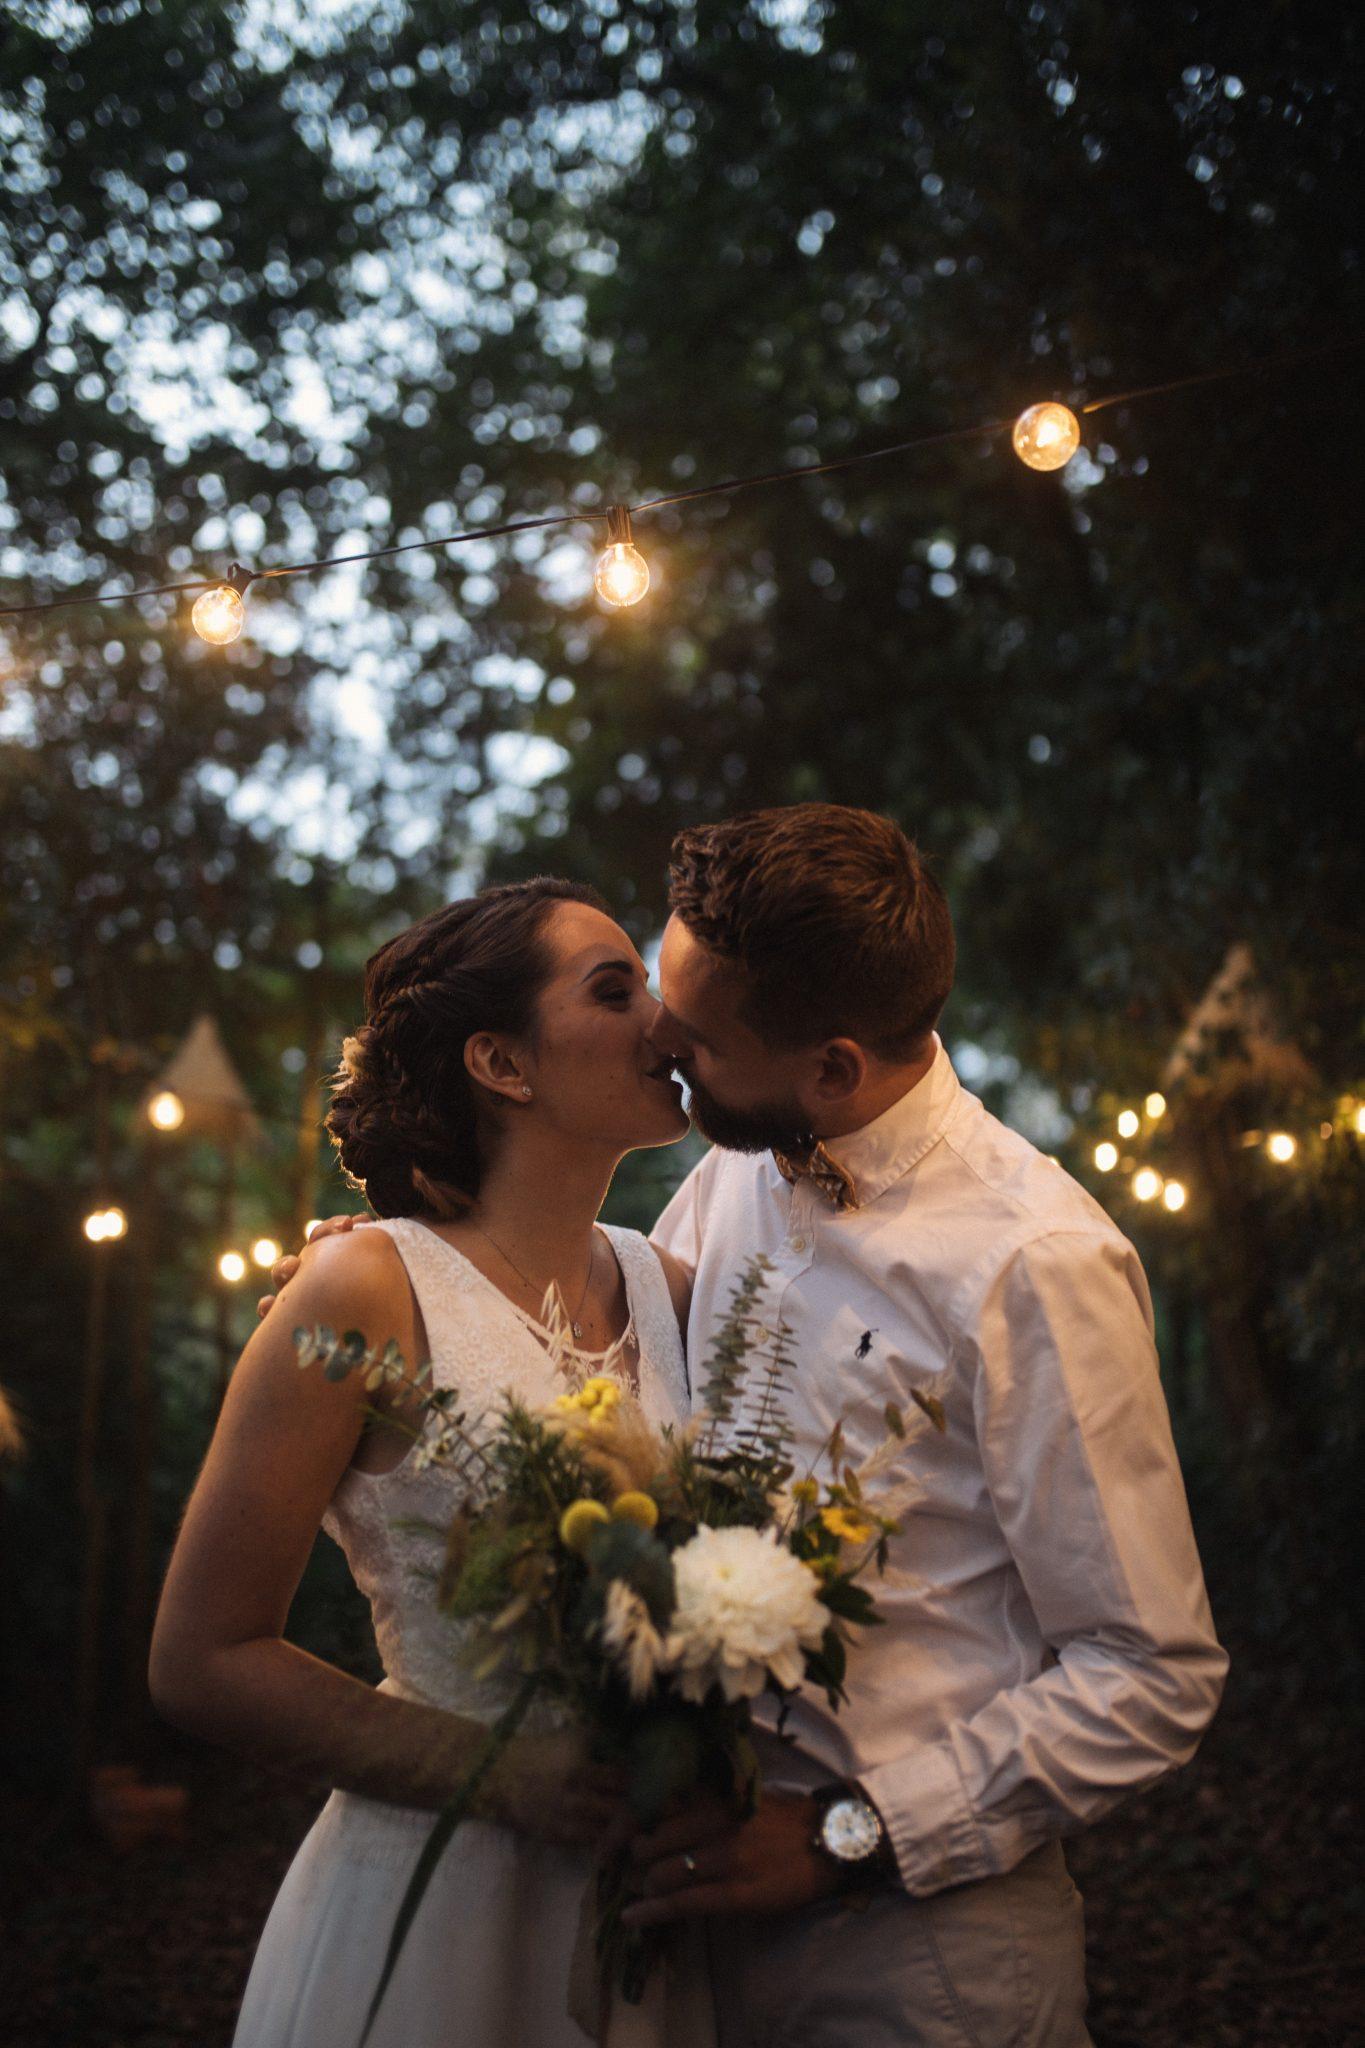 WEDDINGS A LA FRANCAISE – Crédit photo Arthur Corgier (2)